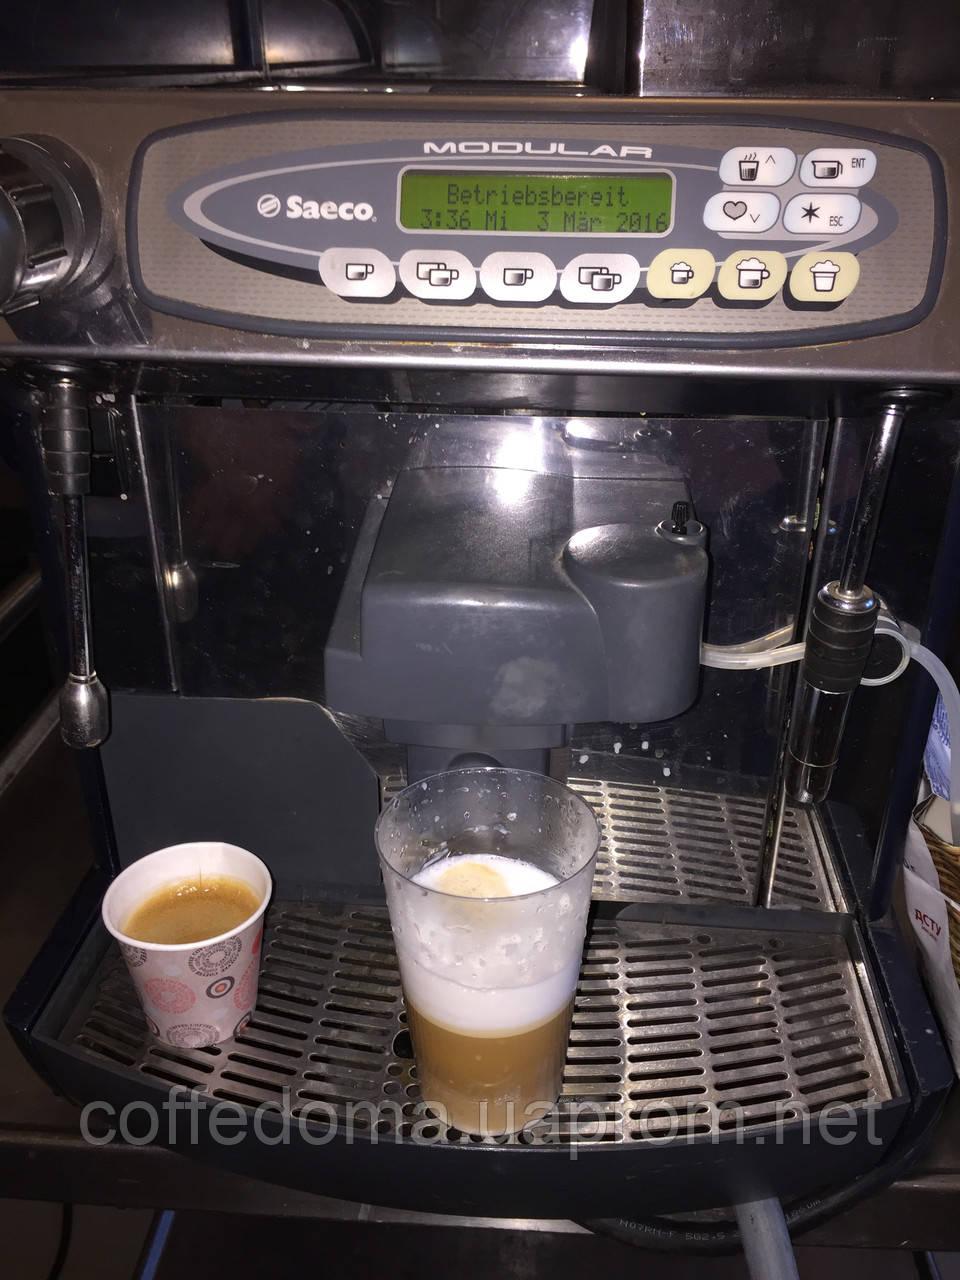 Saeco Modular Cappuccino